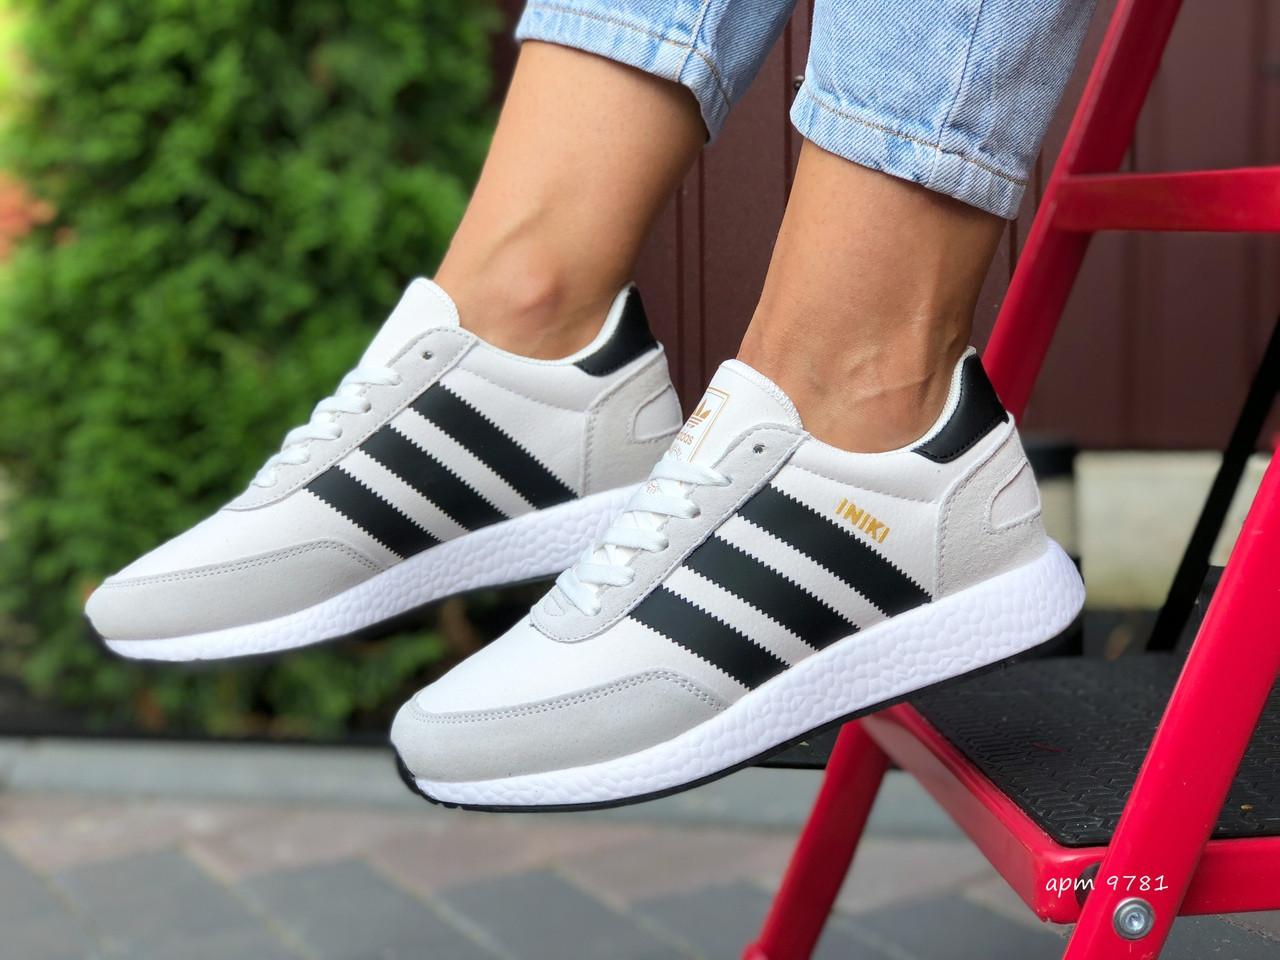 Женские (подростковые) кроссовки Adidas Iniki,белые с черным